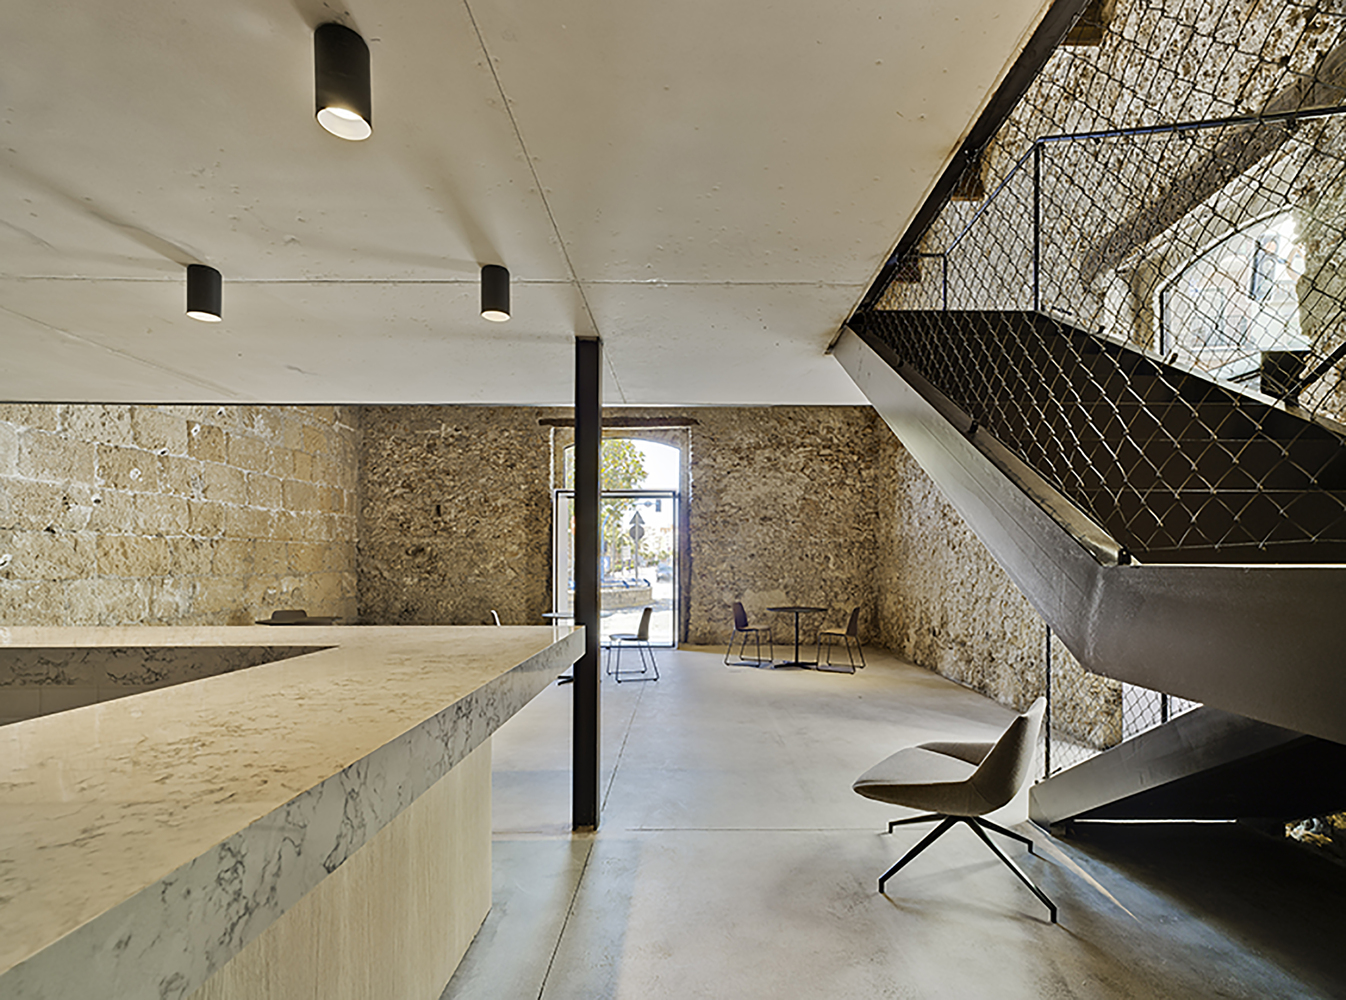 Gallery of virgen del carmen bar estudio arn arquitectos 3 - Estudio 3 arquitectos ...